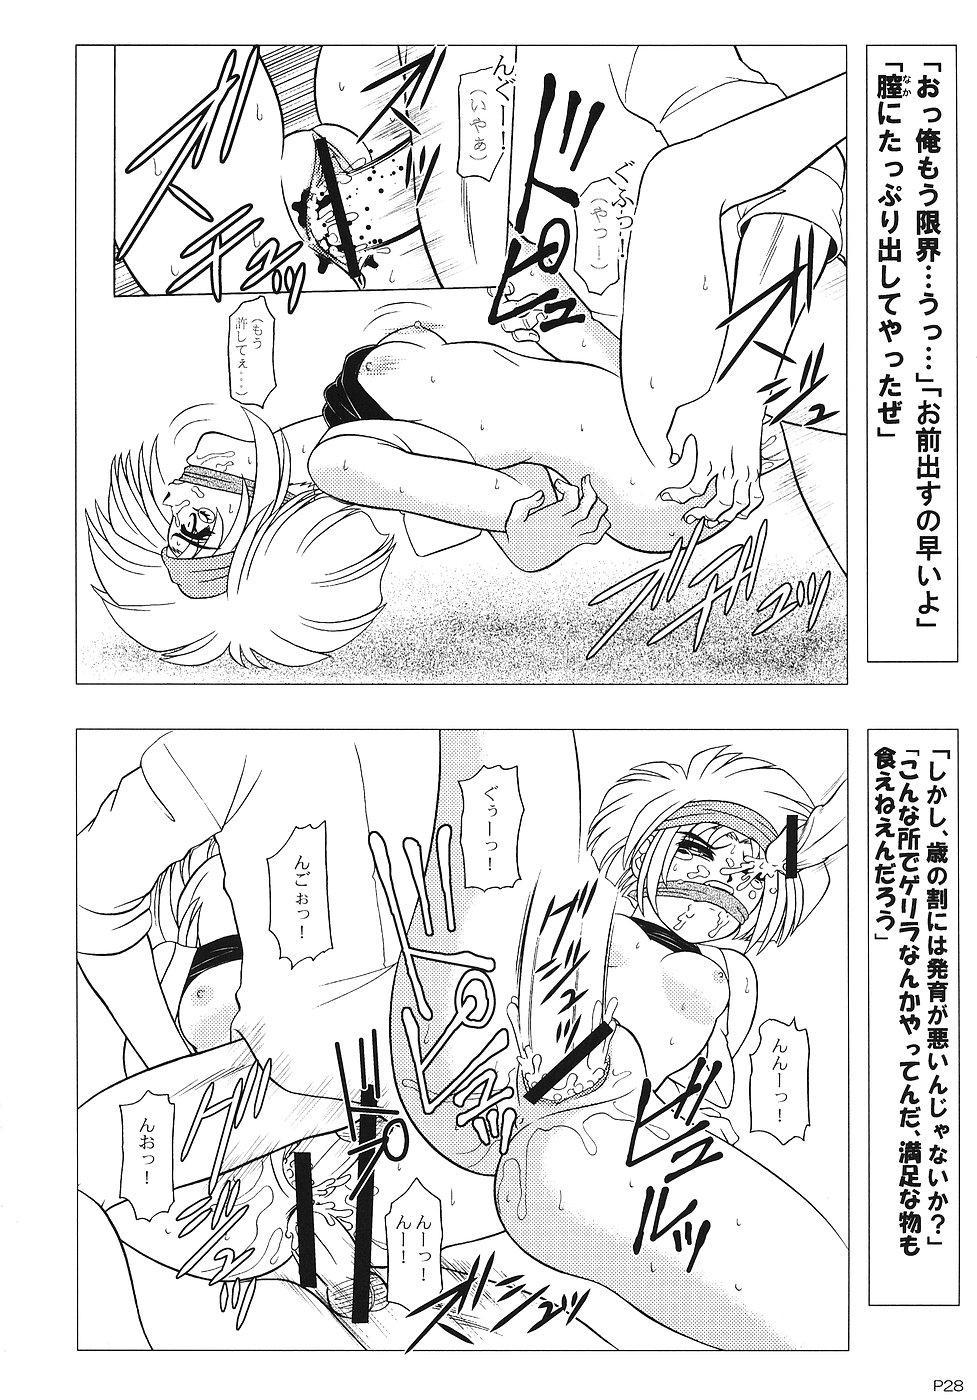 (C70) [Jingai Makyou Club (WING☆BIRD)] Charaemu W B004 GANDAM003 08-83-CCA (Kidou Senshi Gundam) 26